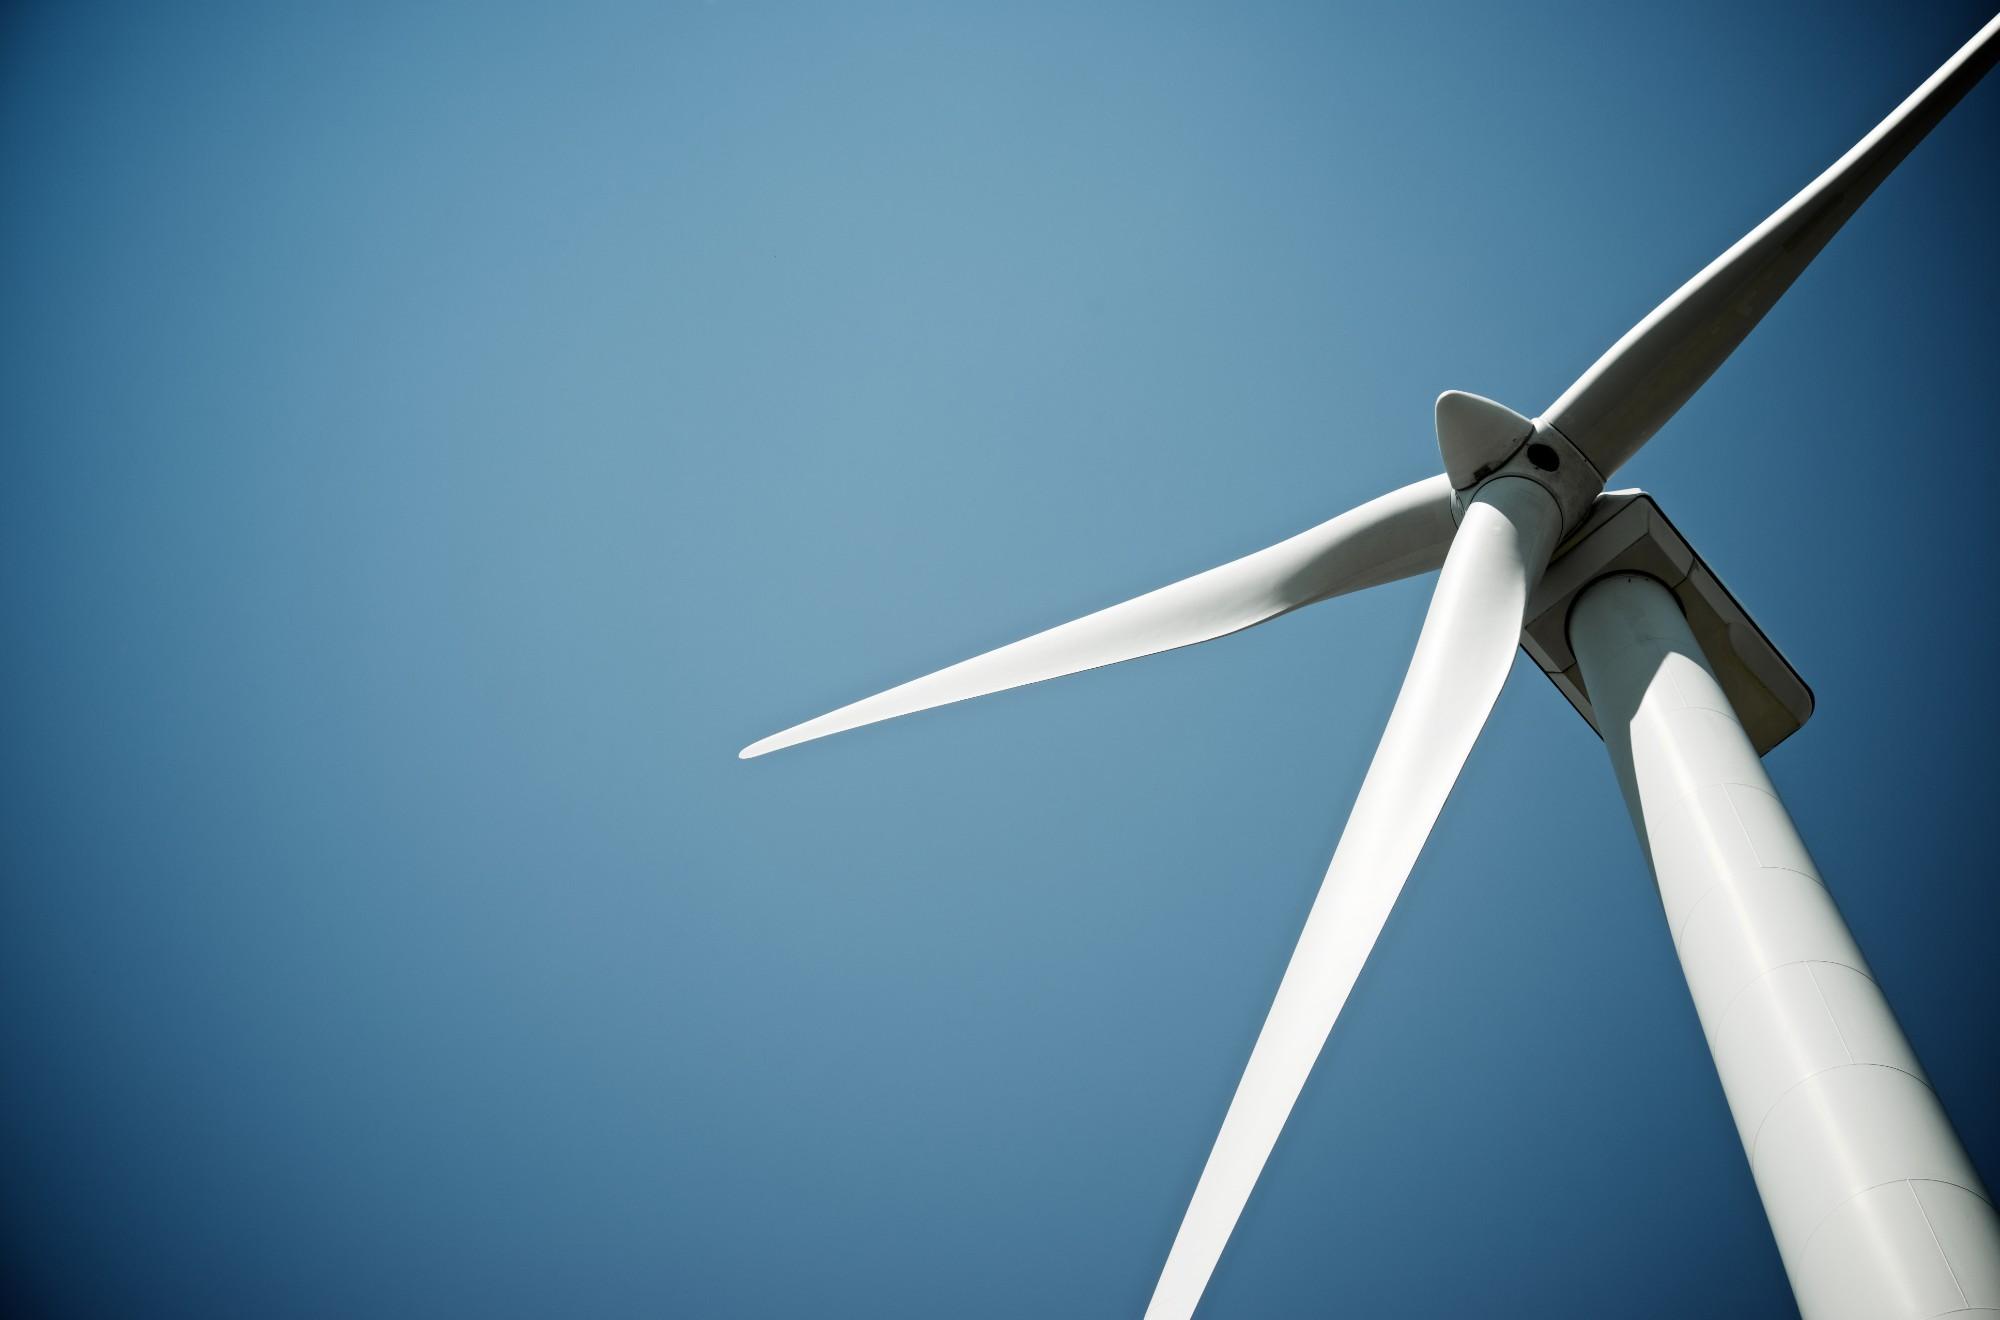 洋上風力発電の先進国イギリスに見る、グリーンエネルギーで動く世界